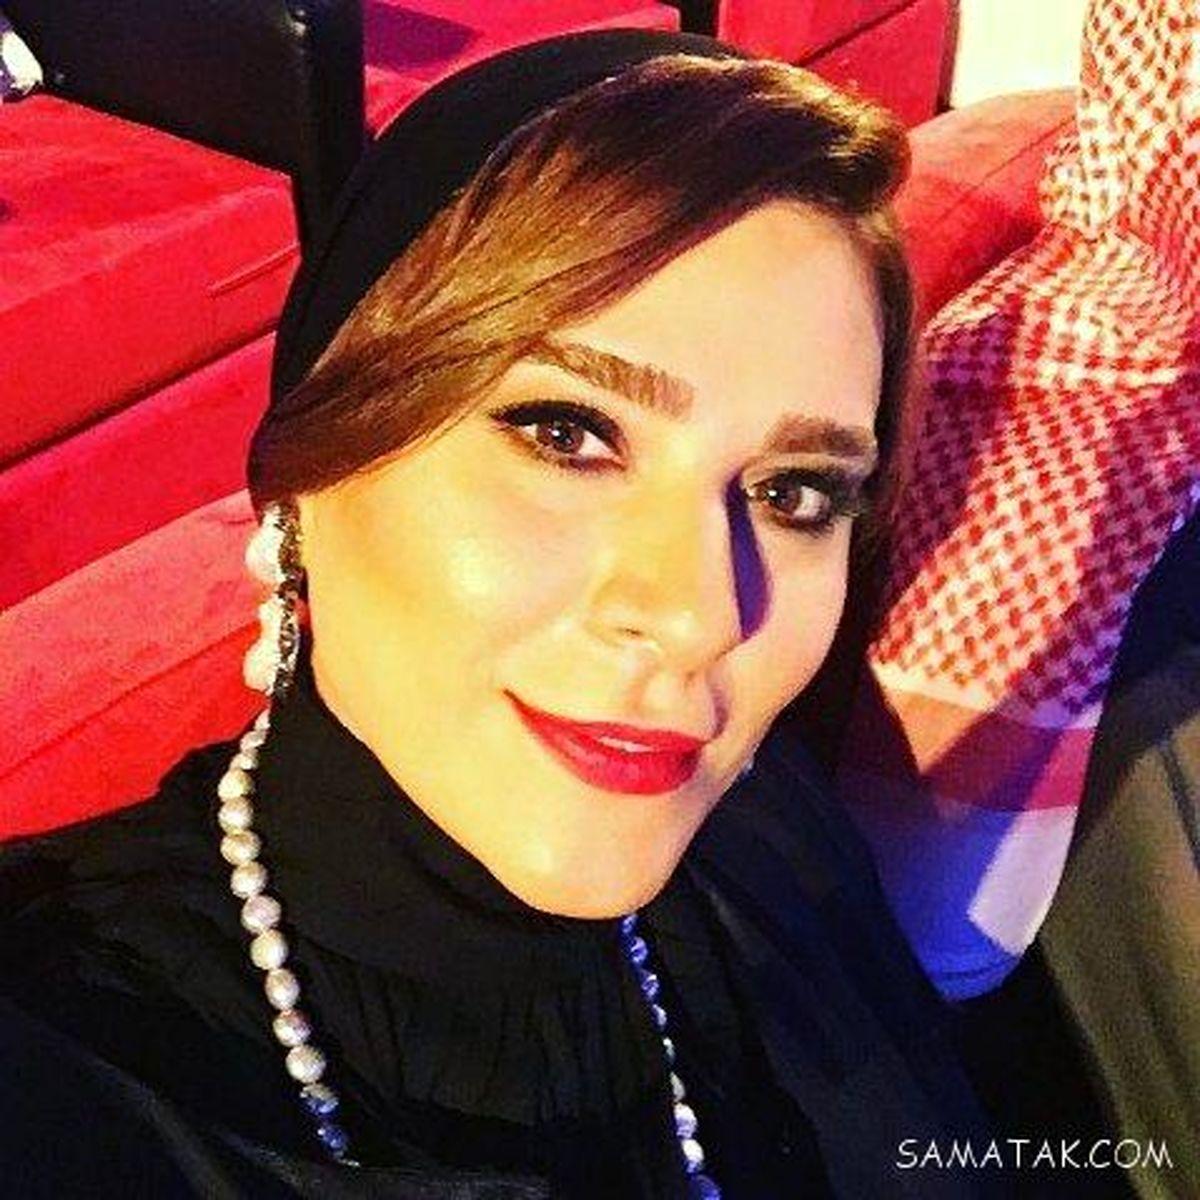 عکس های لو رفته سحر دولتشاهی در دبی + بیوگرافی و تصاویر دیده نشده ...